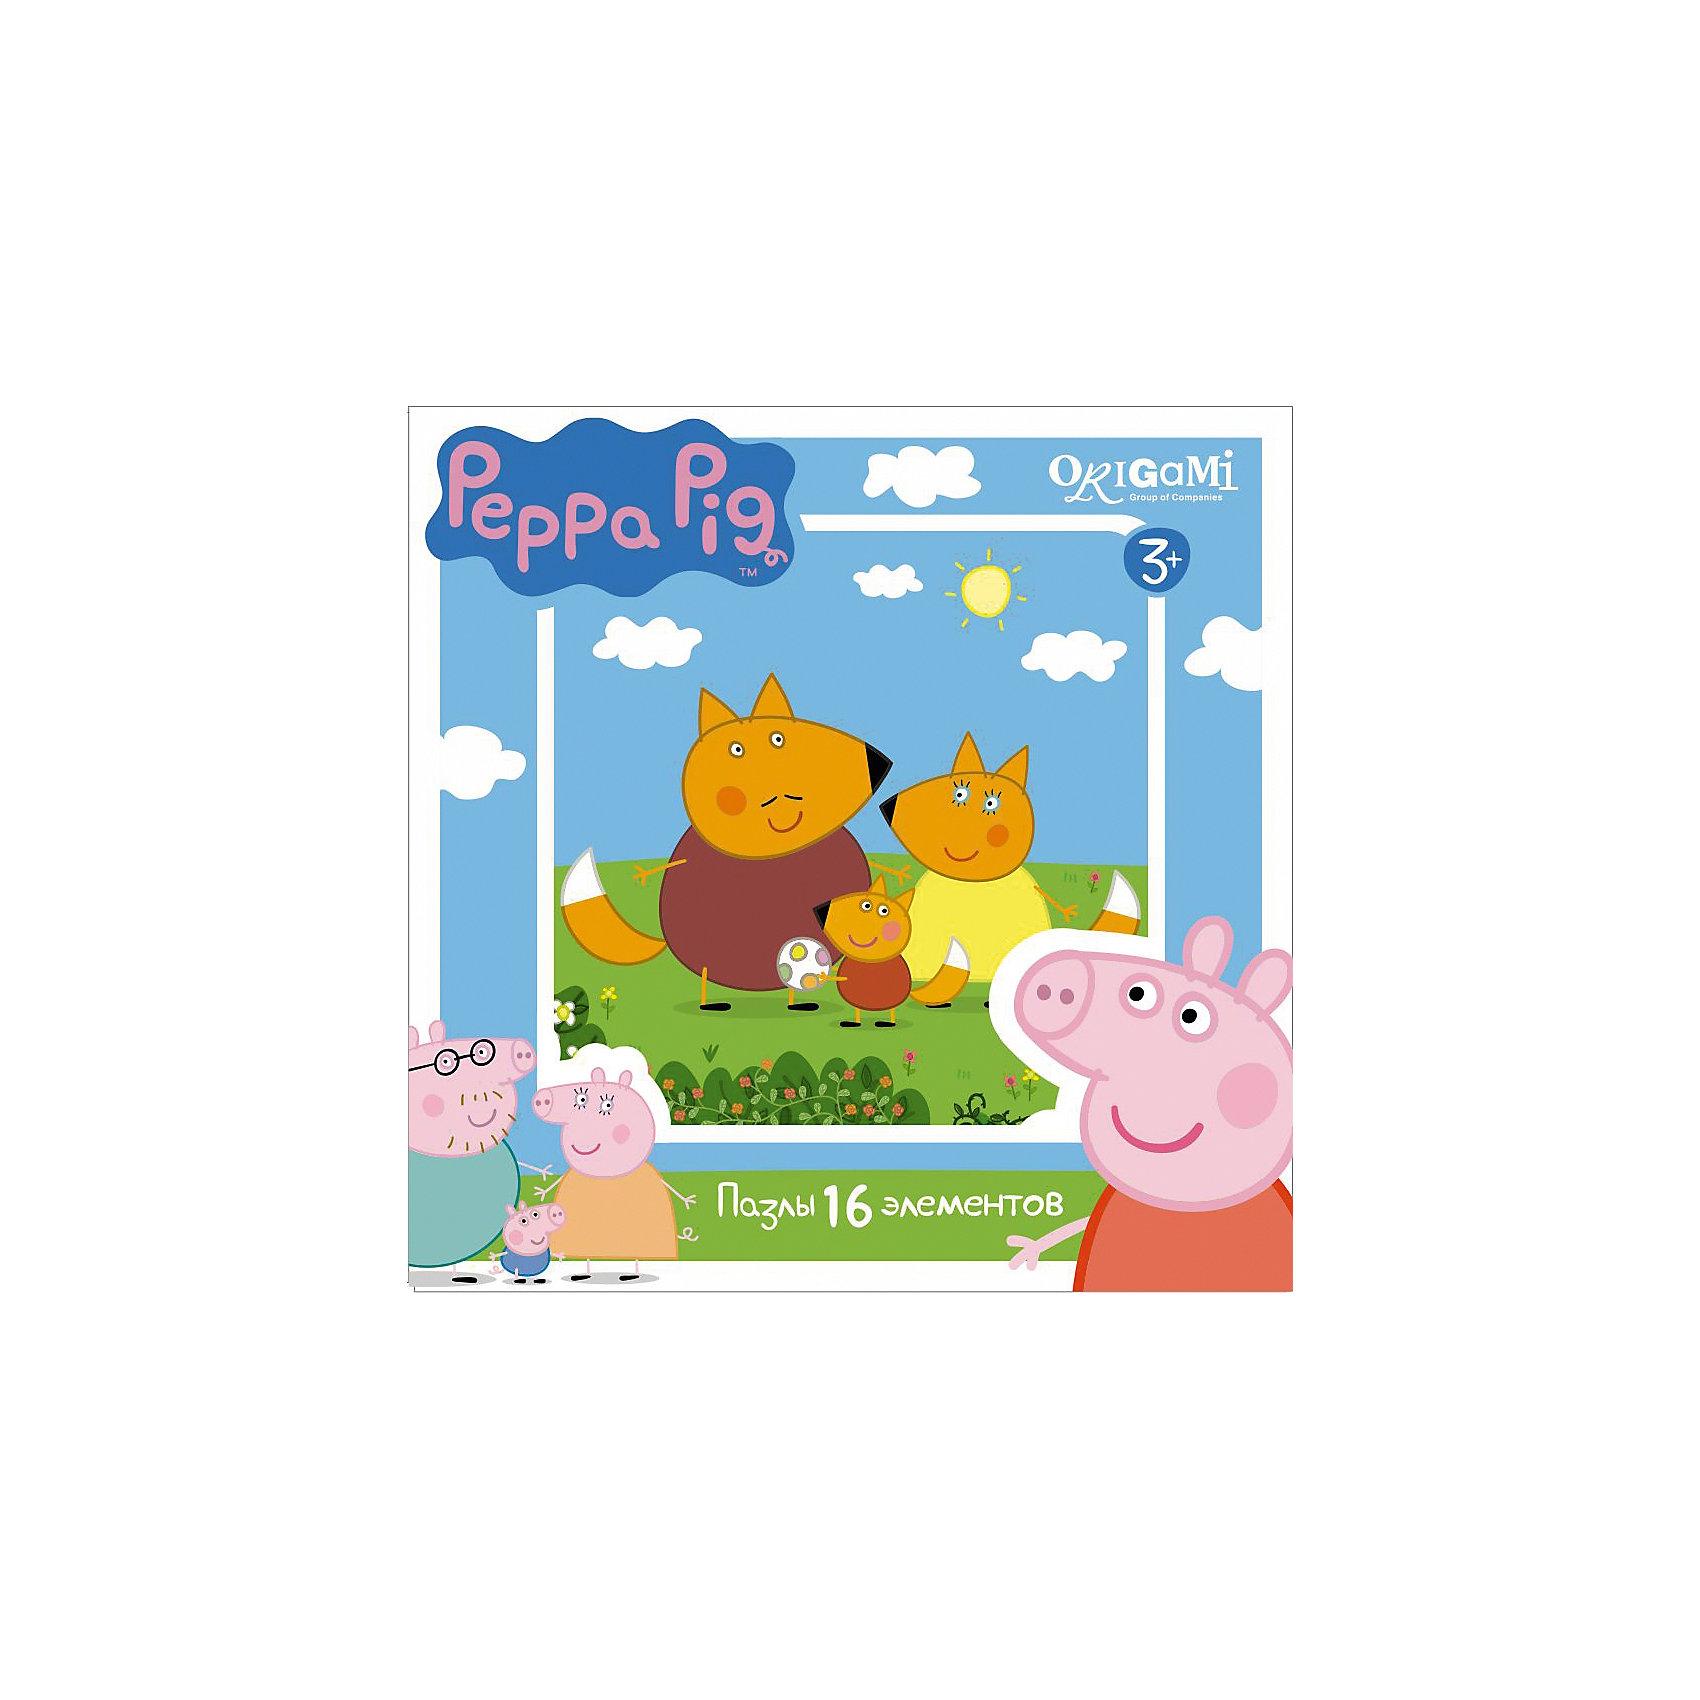 Пазл Свинка Пеппа, 16 деталей, OrigamiПазл Свинка Пеппа, Origami - увлекательный набор для творчества, который заинтересует Вашего малыша и подарит ему отличное настроение. Из деталей пазла он сможет собрать красочную картинку с изображением лисенка Фредди и его семьи из популярного мультсериала<br>Свинка Пеппа (Peppa Pig). Пазл отличается высоким качеством полиграфии и насыщенными цветами. Благодаря ламинированному покрытию, картинка надолго сохраняет свой блеск и яркие цвета. Плотный картон не дает деталям мяться и обеспечивает надежное соединение. Собирание пазла способствует развитию логического и пространственного мышления, внимания, мелкой моторики и координации движений.<br><br>Дополнительная информация:<br><br>- Материал: картон. <br>- Количество деталей: 16.<br>- Размер собранной картинки: 21 х 21 см.<br>- Размер упаковки: 15 х 15 х 4 см.<br>- Вес: 130 гр.<br> <br>Пазл Свинка Пеппа, 16 деталей, Origami, можно купить в нашем интернет-магазине.<br><br>Ширина мм: 150<br>Глубина мм: 45<br>Высота мм: 150<br>Вес г: 130<br>Возраст от месяцев: 36<br>Возраст до месяцев: 96<br>Пол: Унисекс<br>Возраст: Детский<br>SKU: 4614927